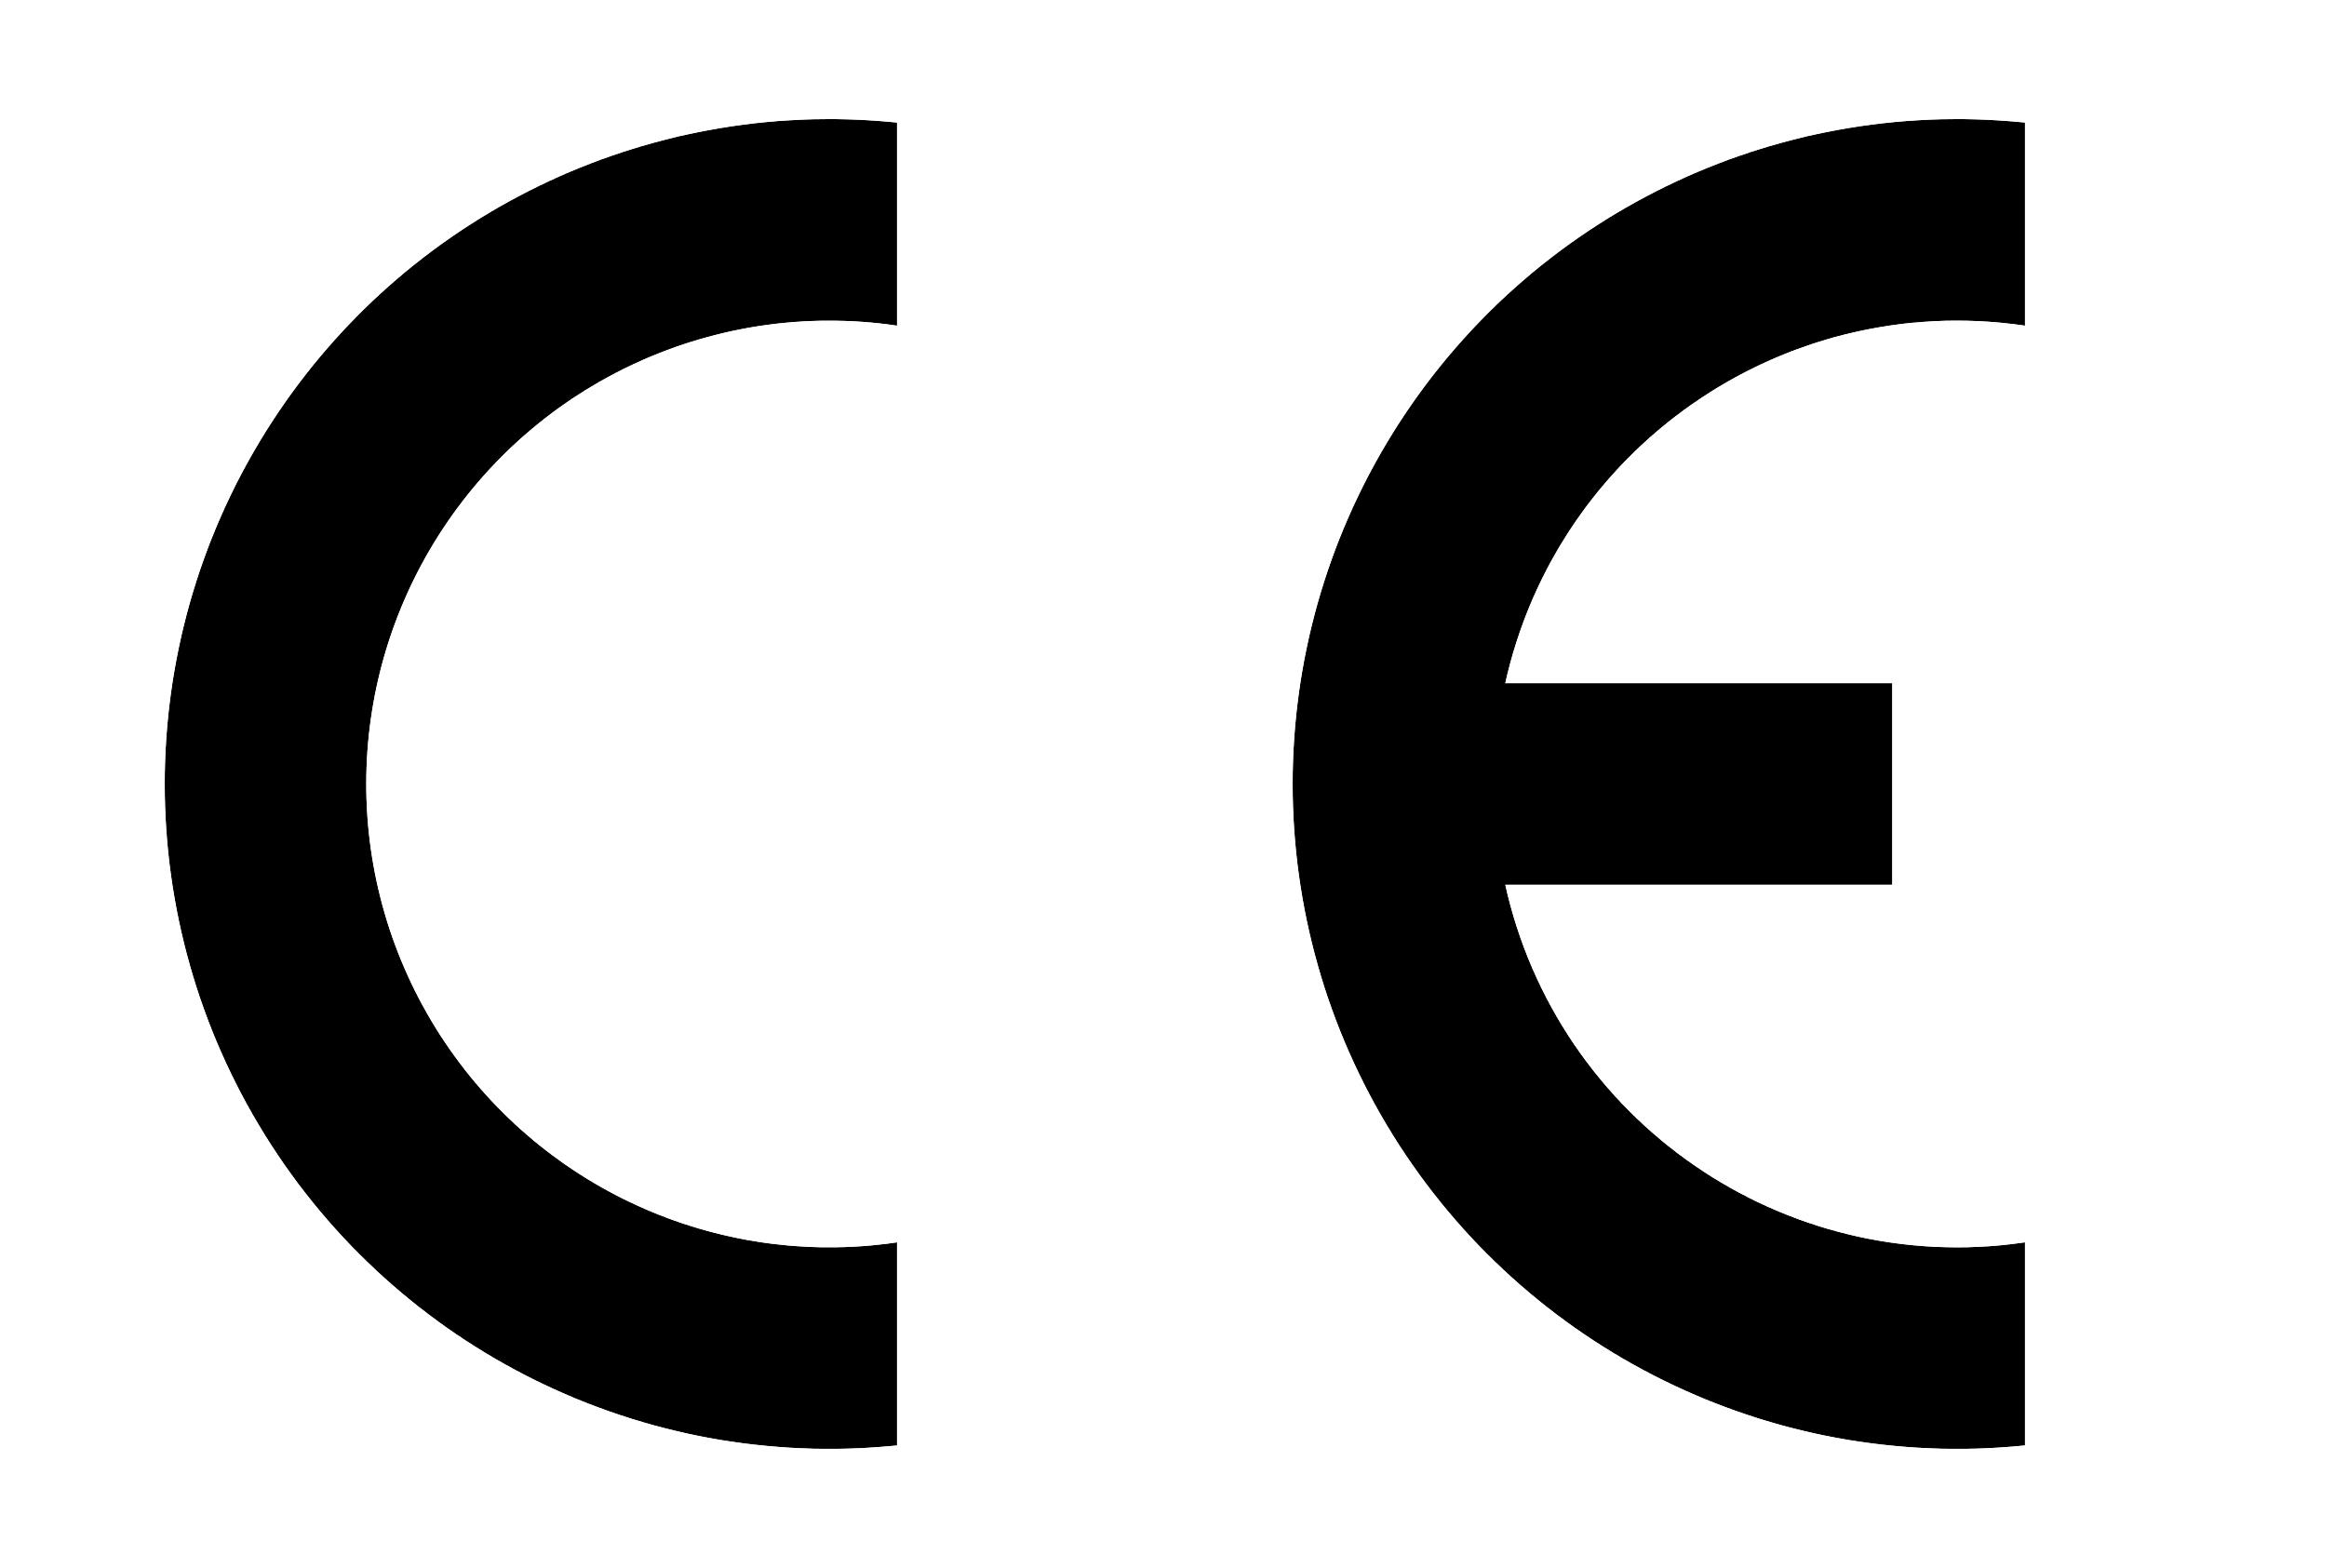 Xuất khẩu khẩu trang sang EU: Tiêu chuẩn nhãn CE là gì?